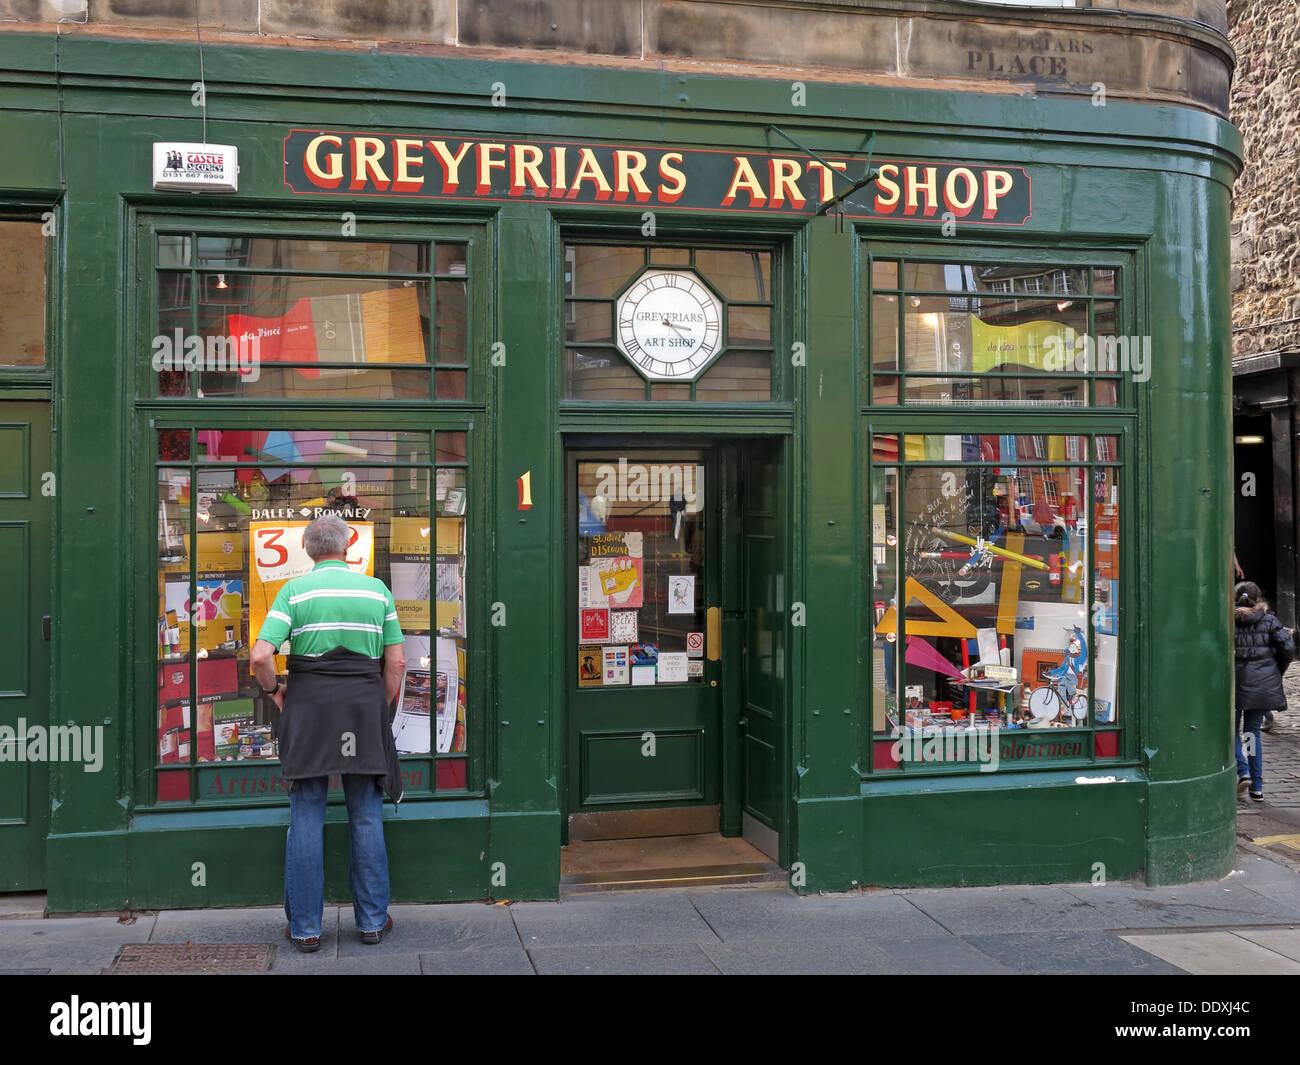 Laden Sie dieses Alamy Stockfoto Greyfriars Art Shop, Edinburgh, Schottland, Großbritannien, EH1 2QQ - DDXJ4C